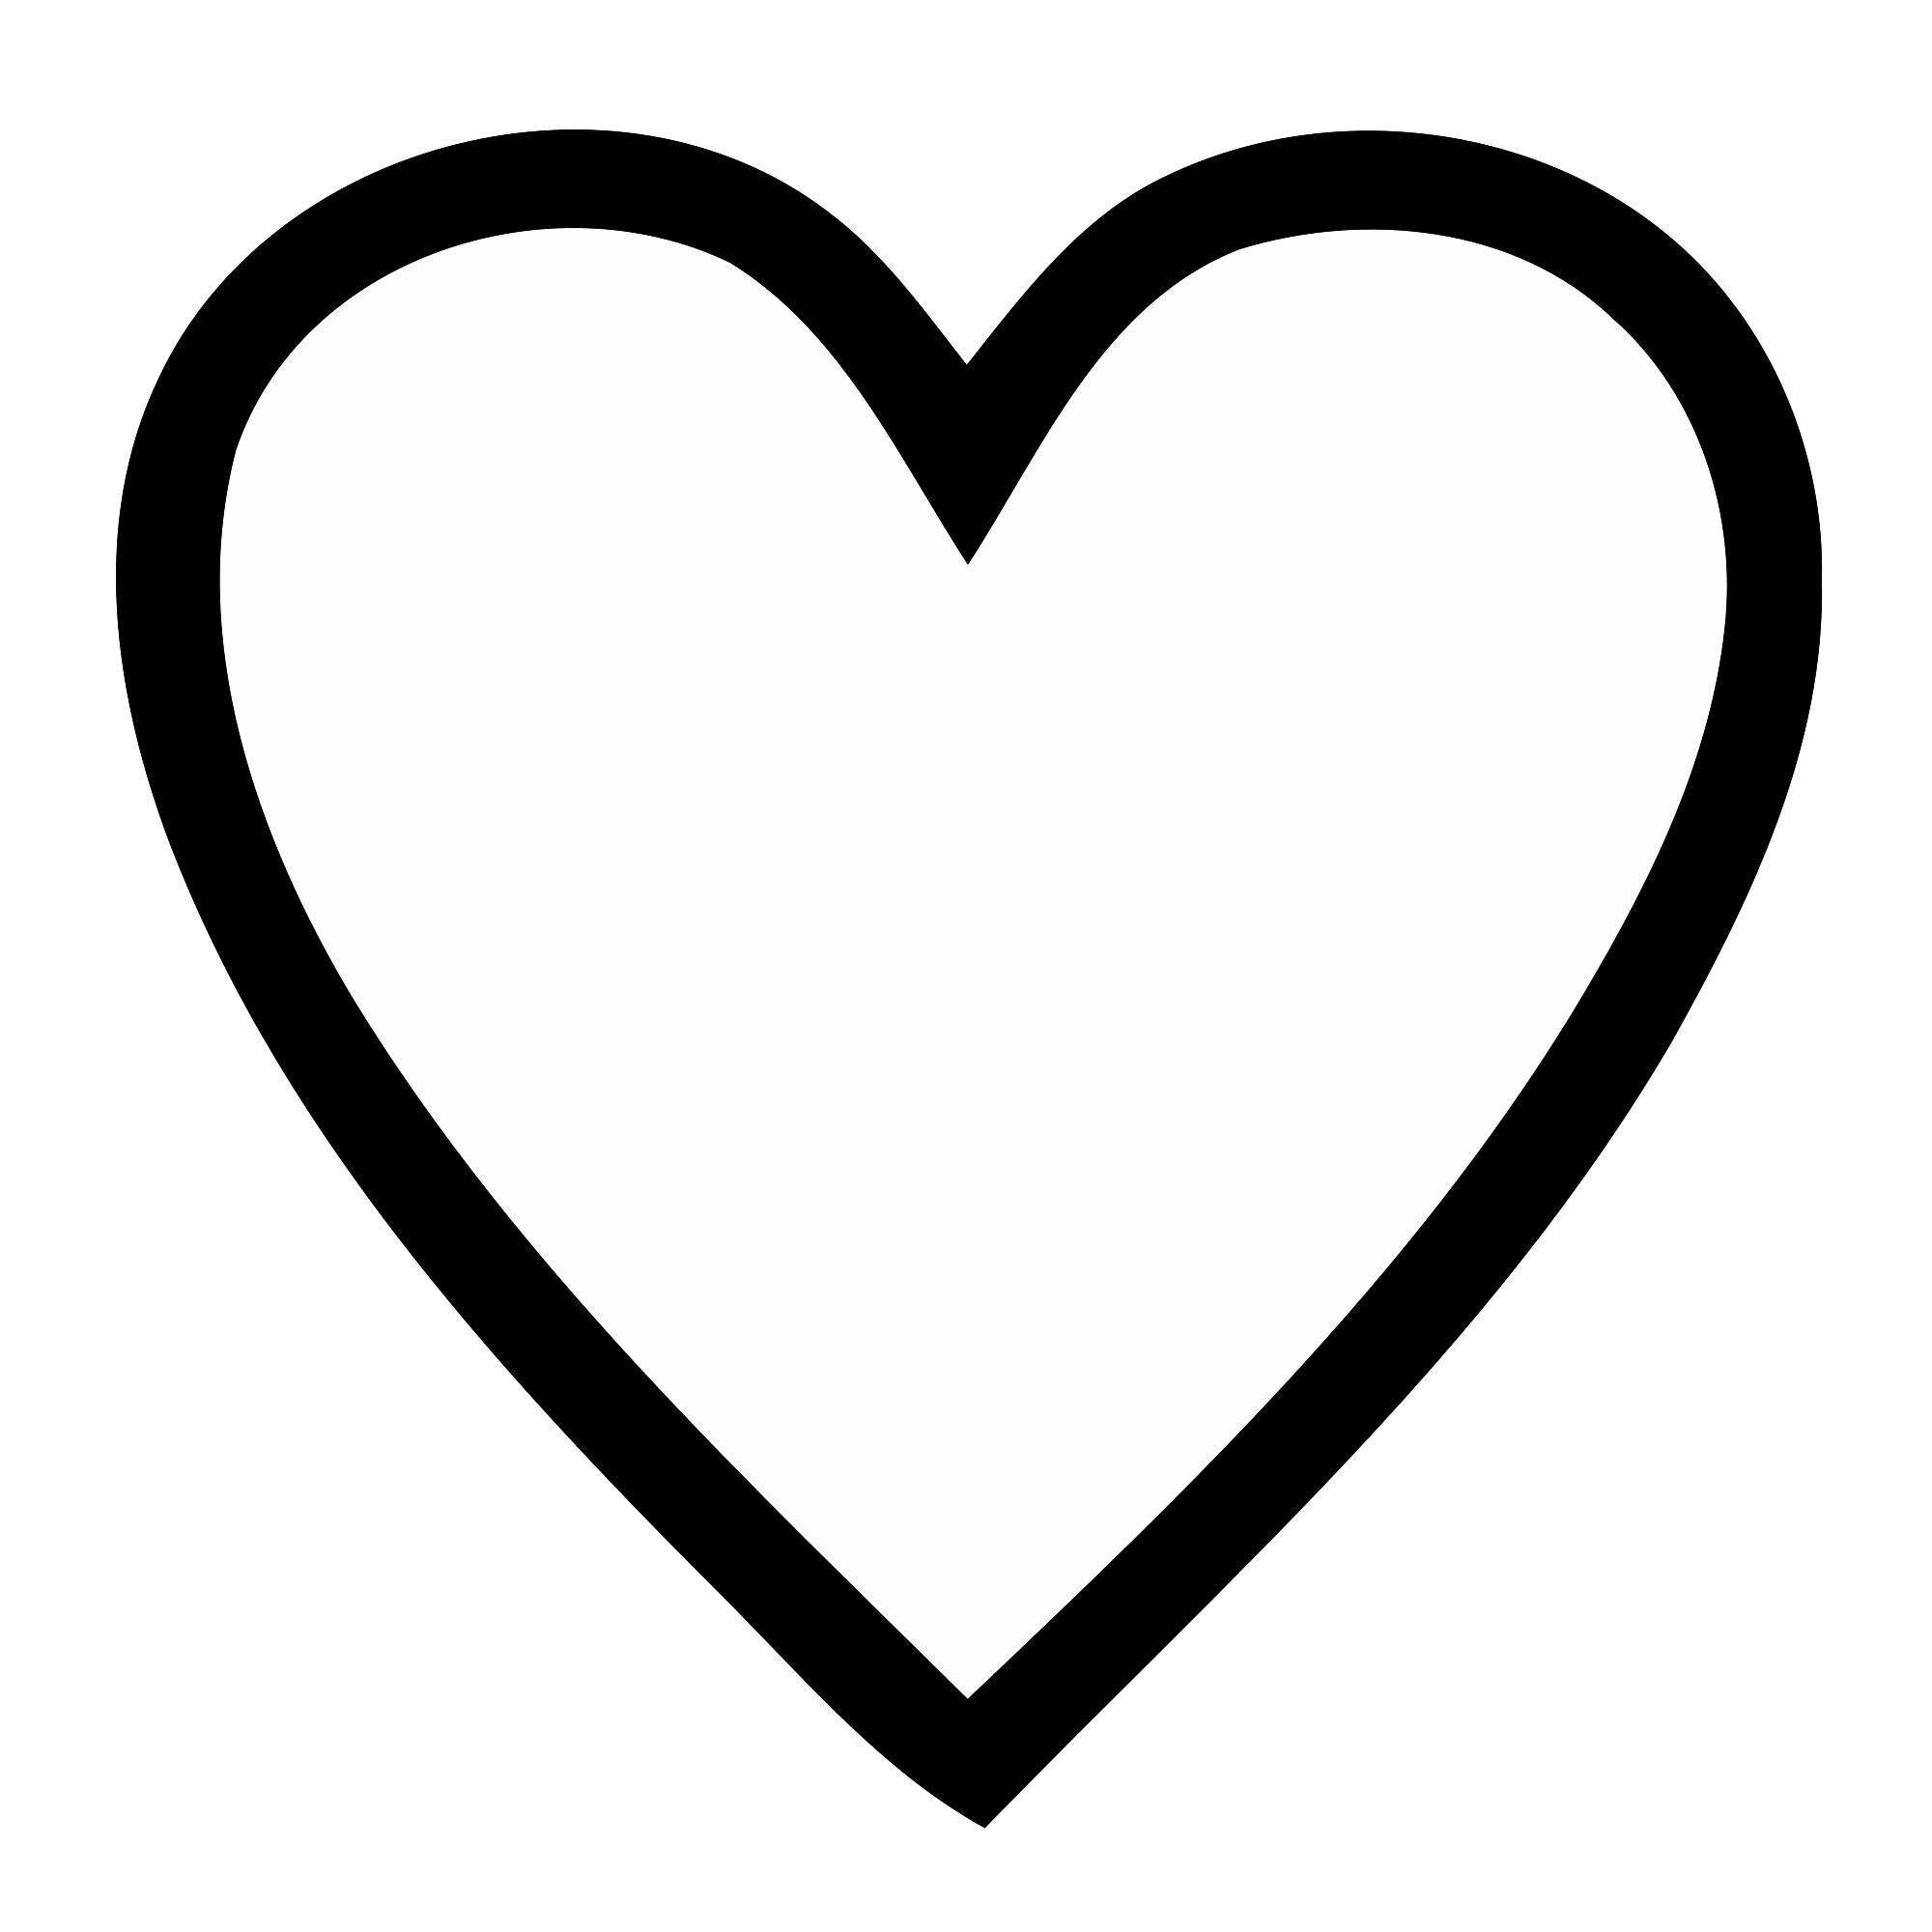 Heart Png Black Transparent clip art